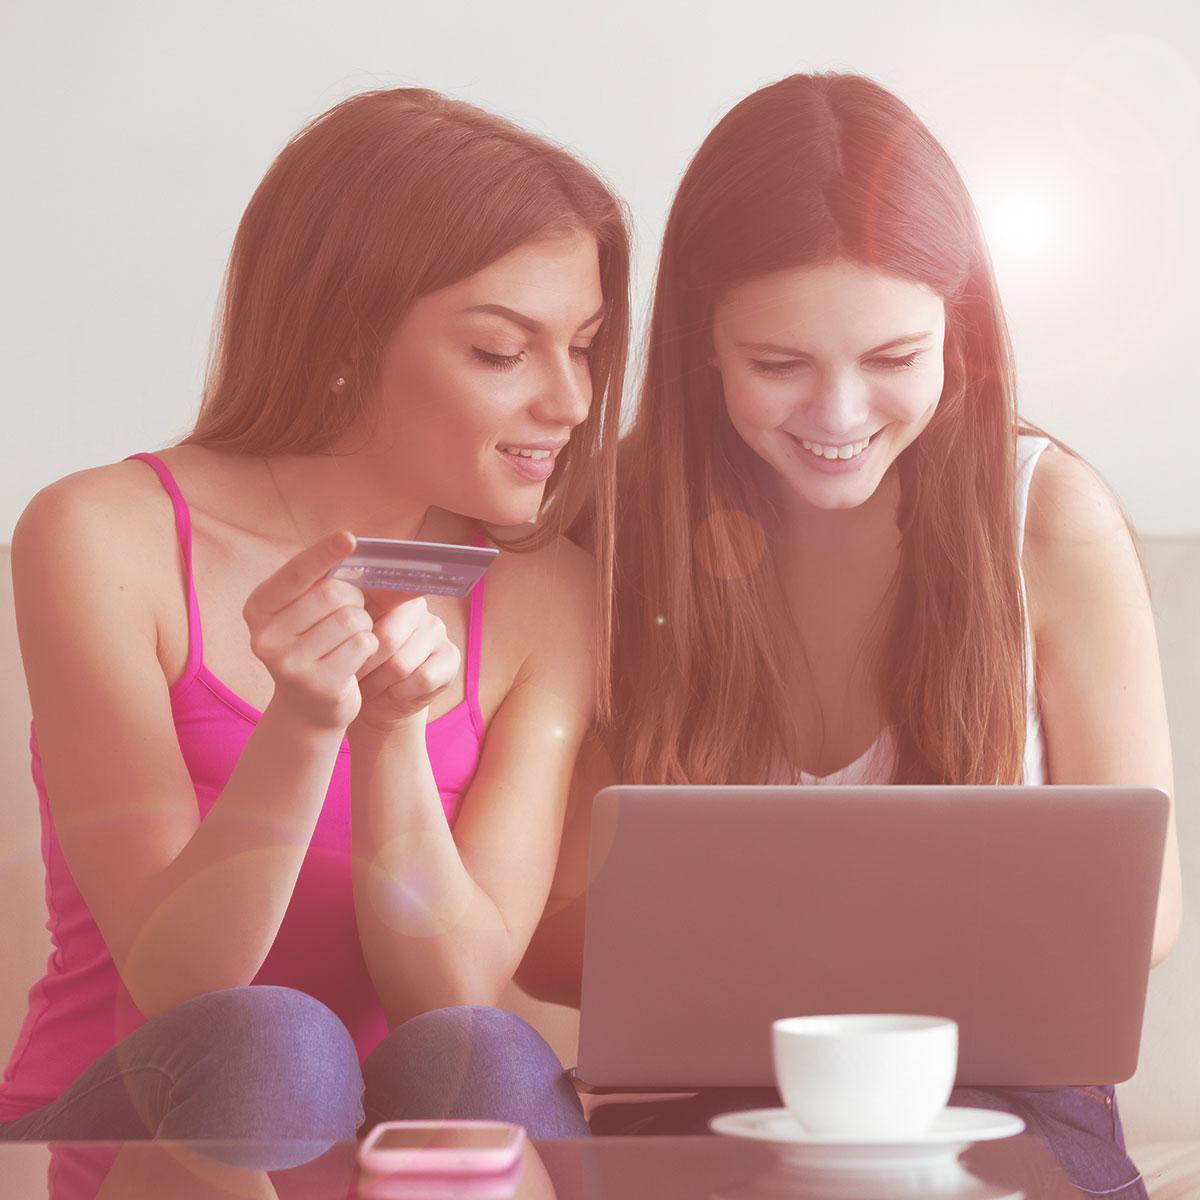 Comercio Electrónico - Tienda en Linea - Tienda Red Social